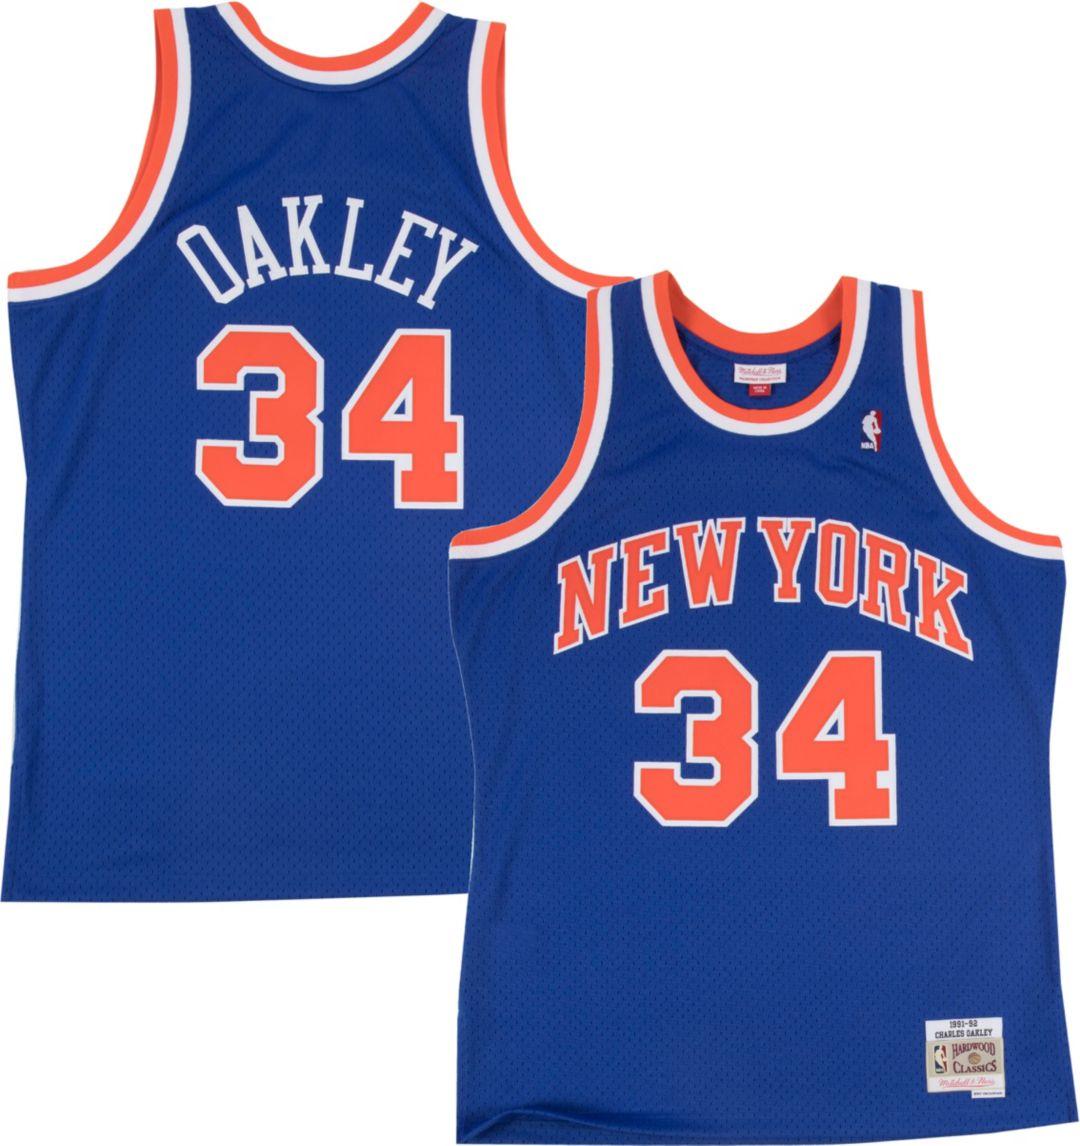 timeless design 2c49c d4092 Mitchell   Ness Men s New York Knicks Charles Oakley  34 Hardwood ...